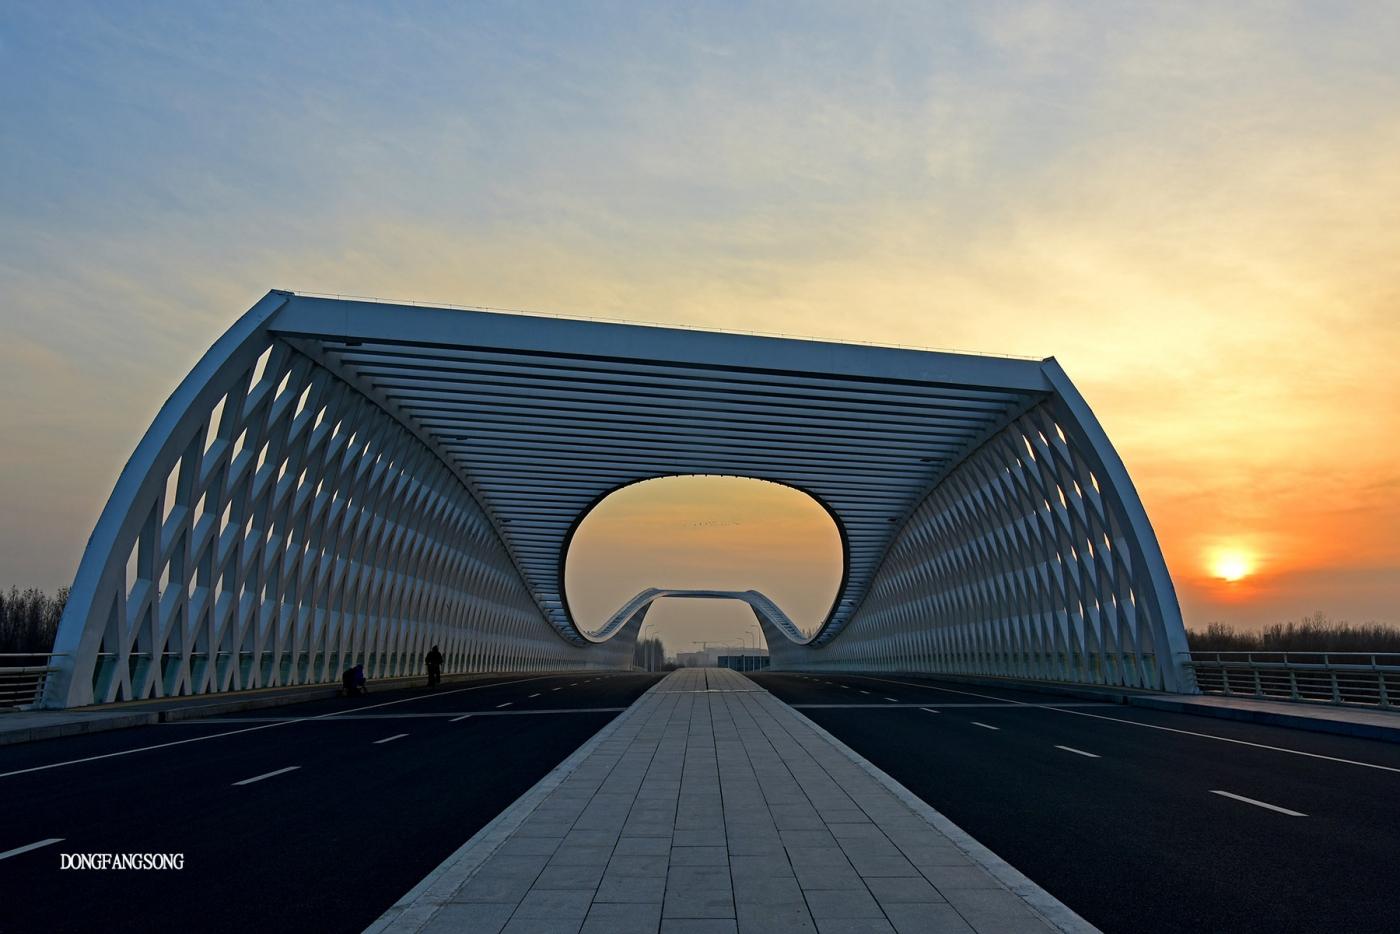 【東方頌0062】晚霞时分的桥_图1-9